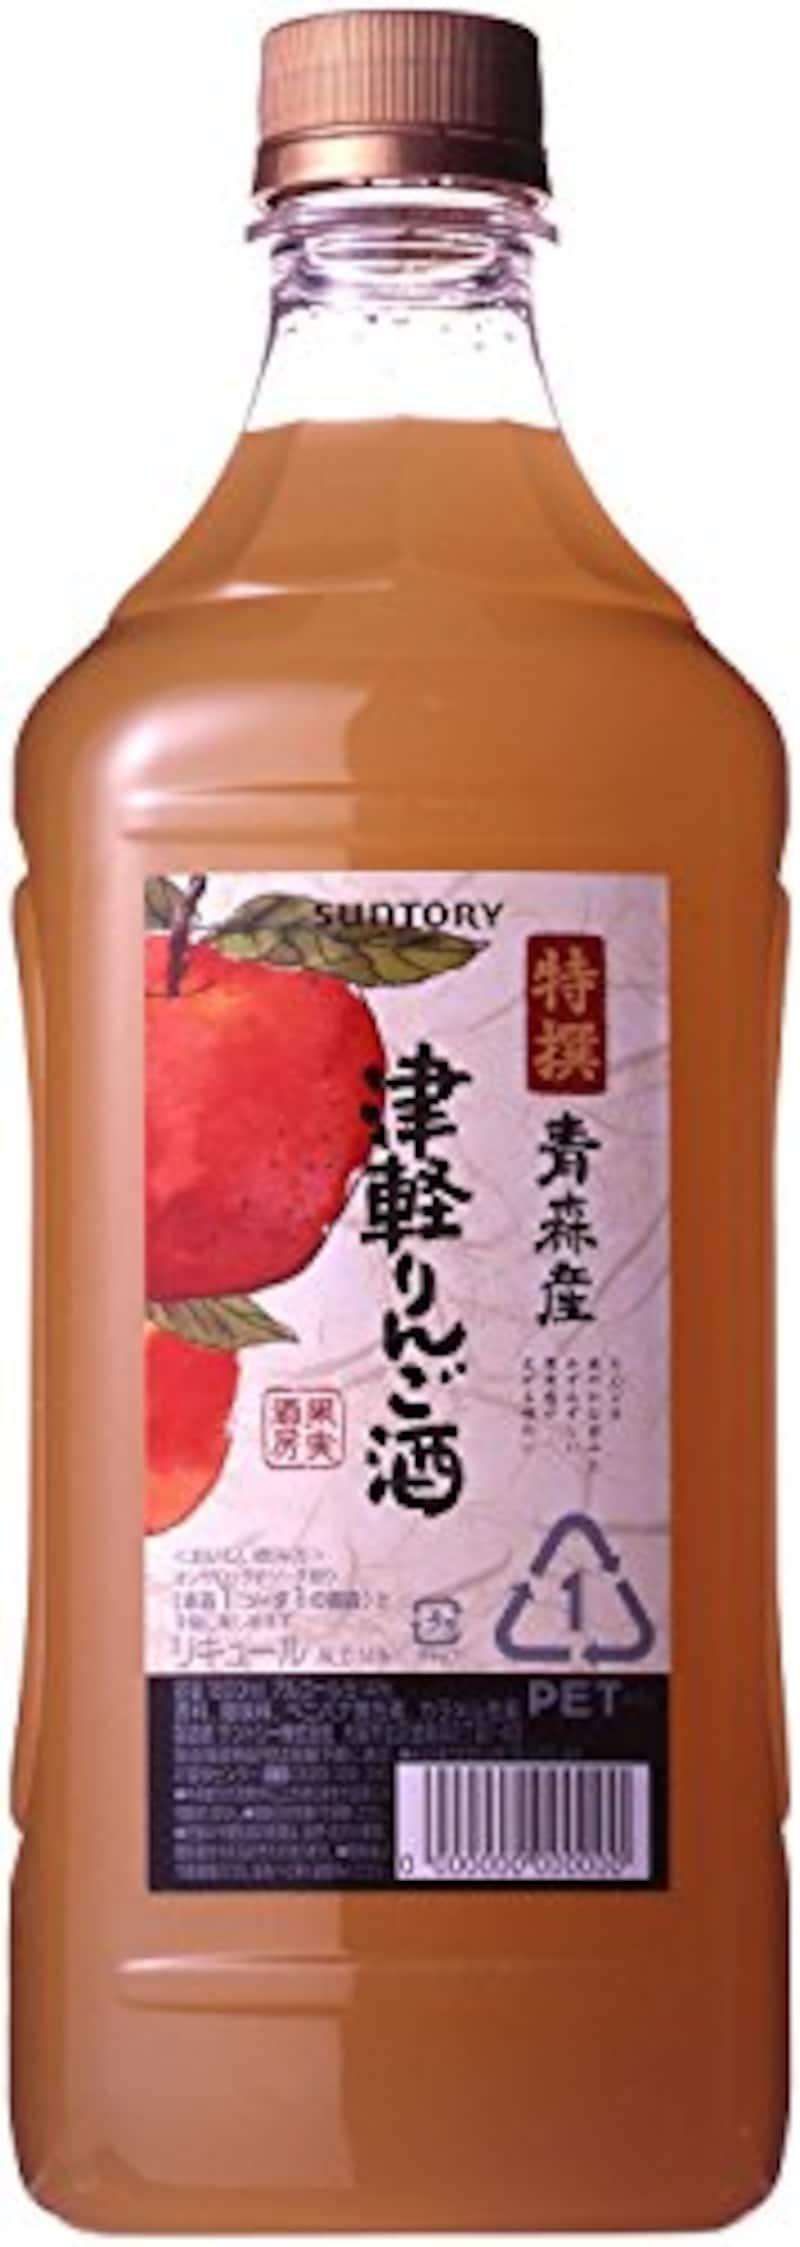 サントリー,特撰果実酒房青森産津軽りんご酒